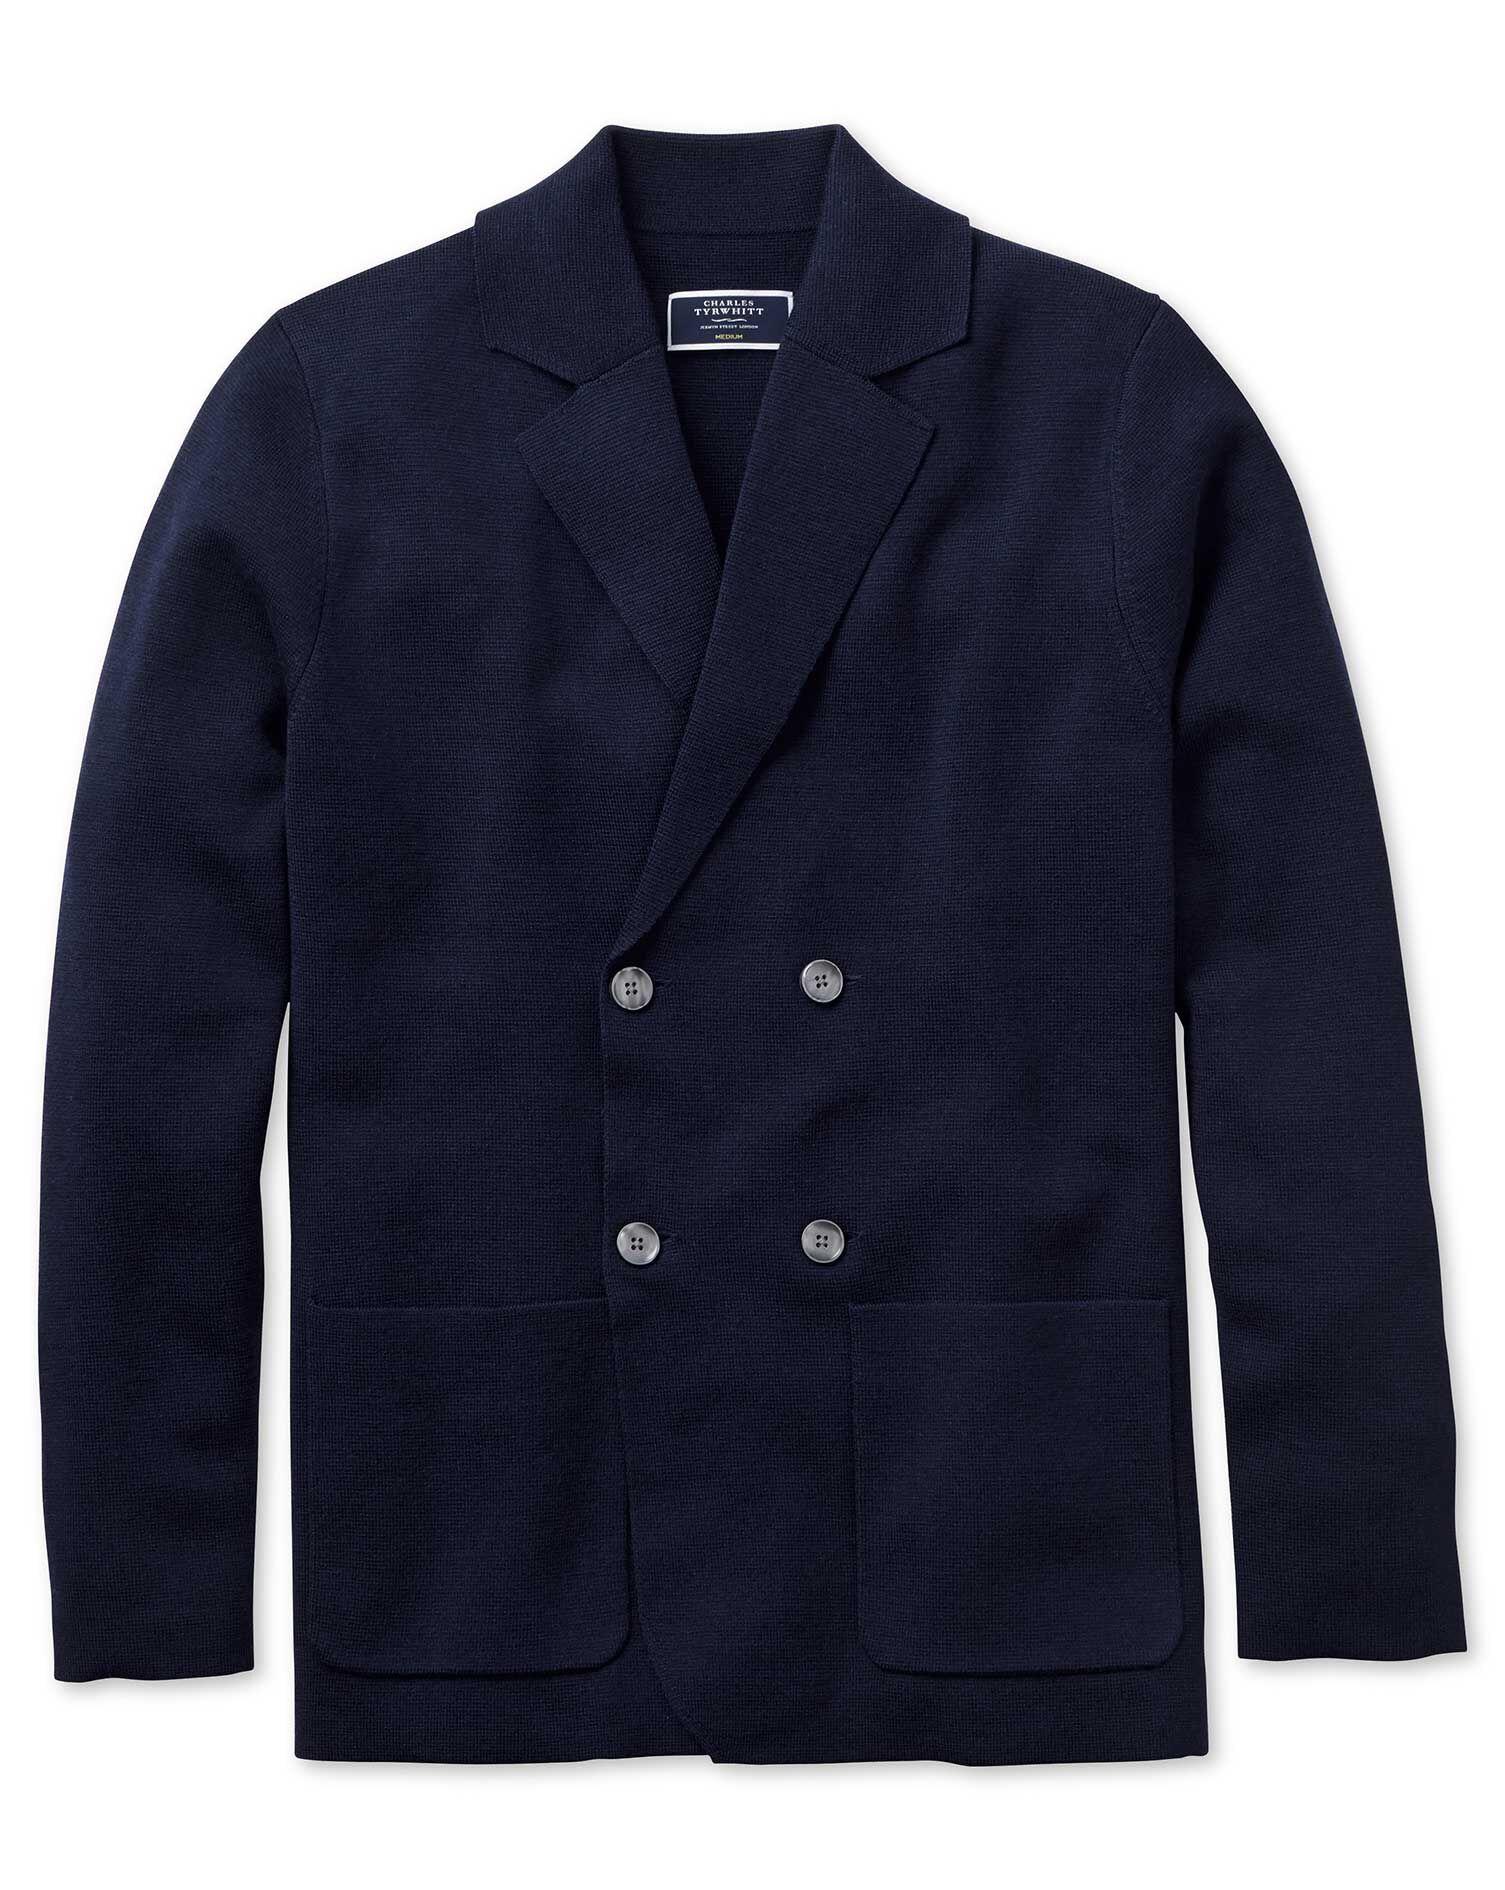 Navy Merino Wool Waistcoat Size Large by Charles Tyrwhitt